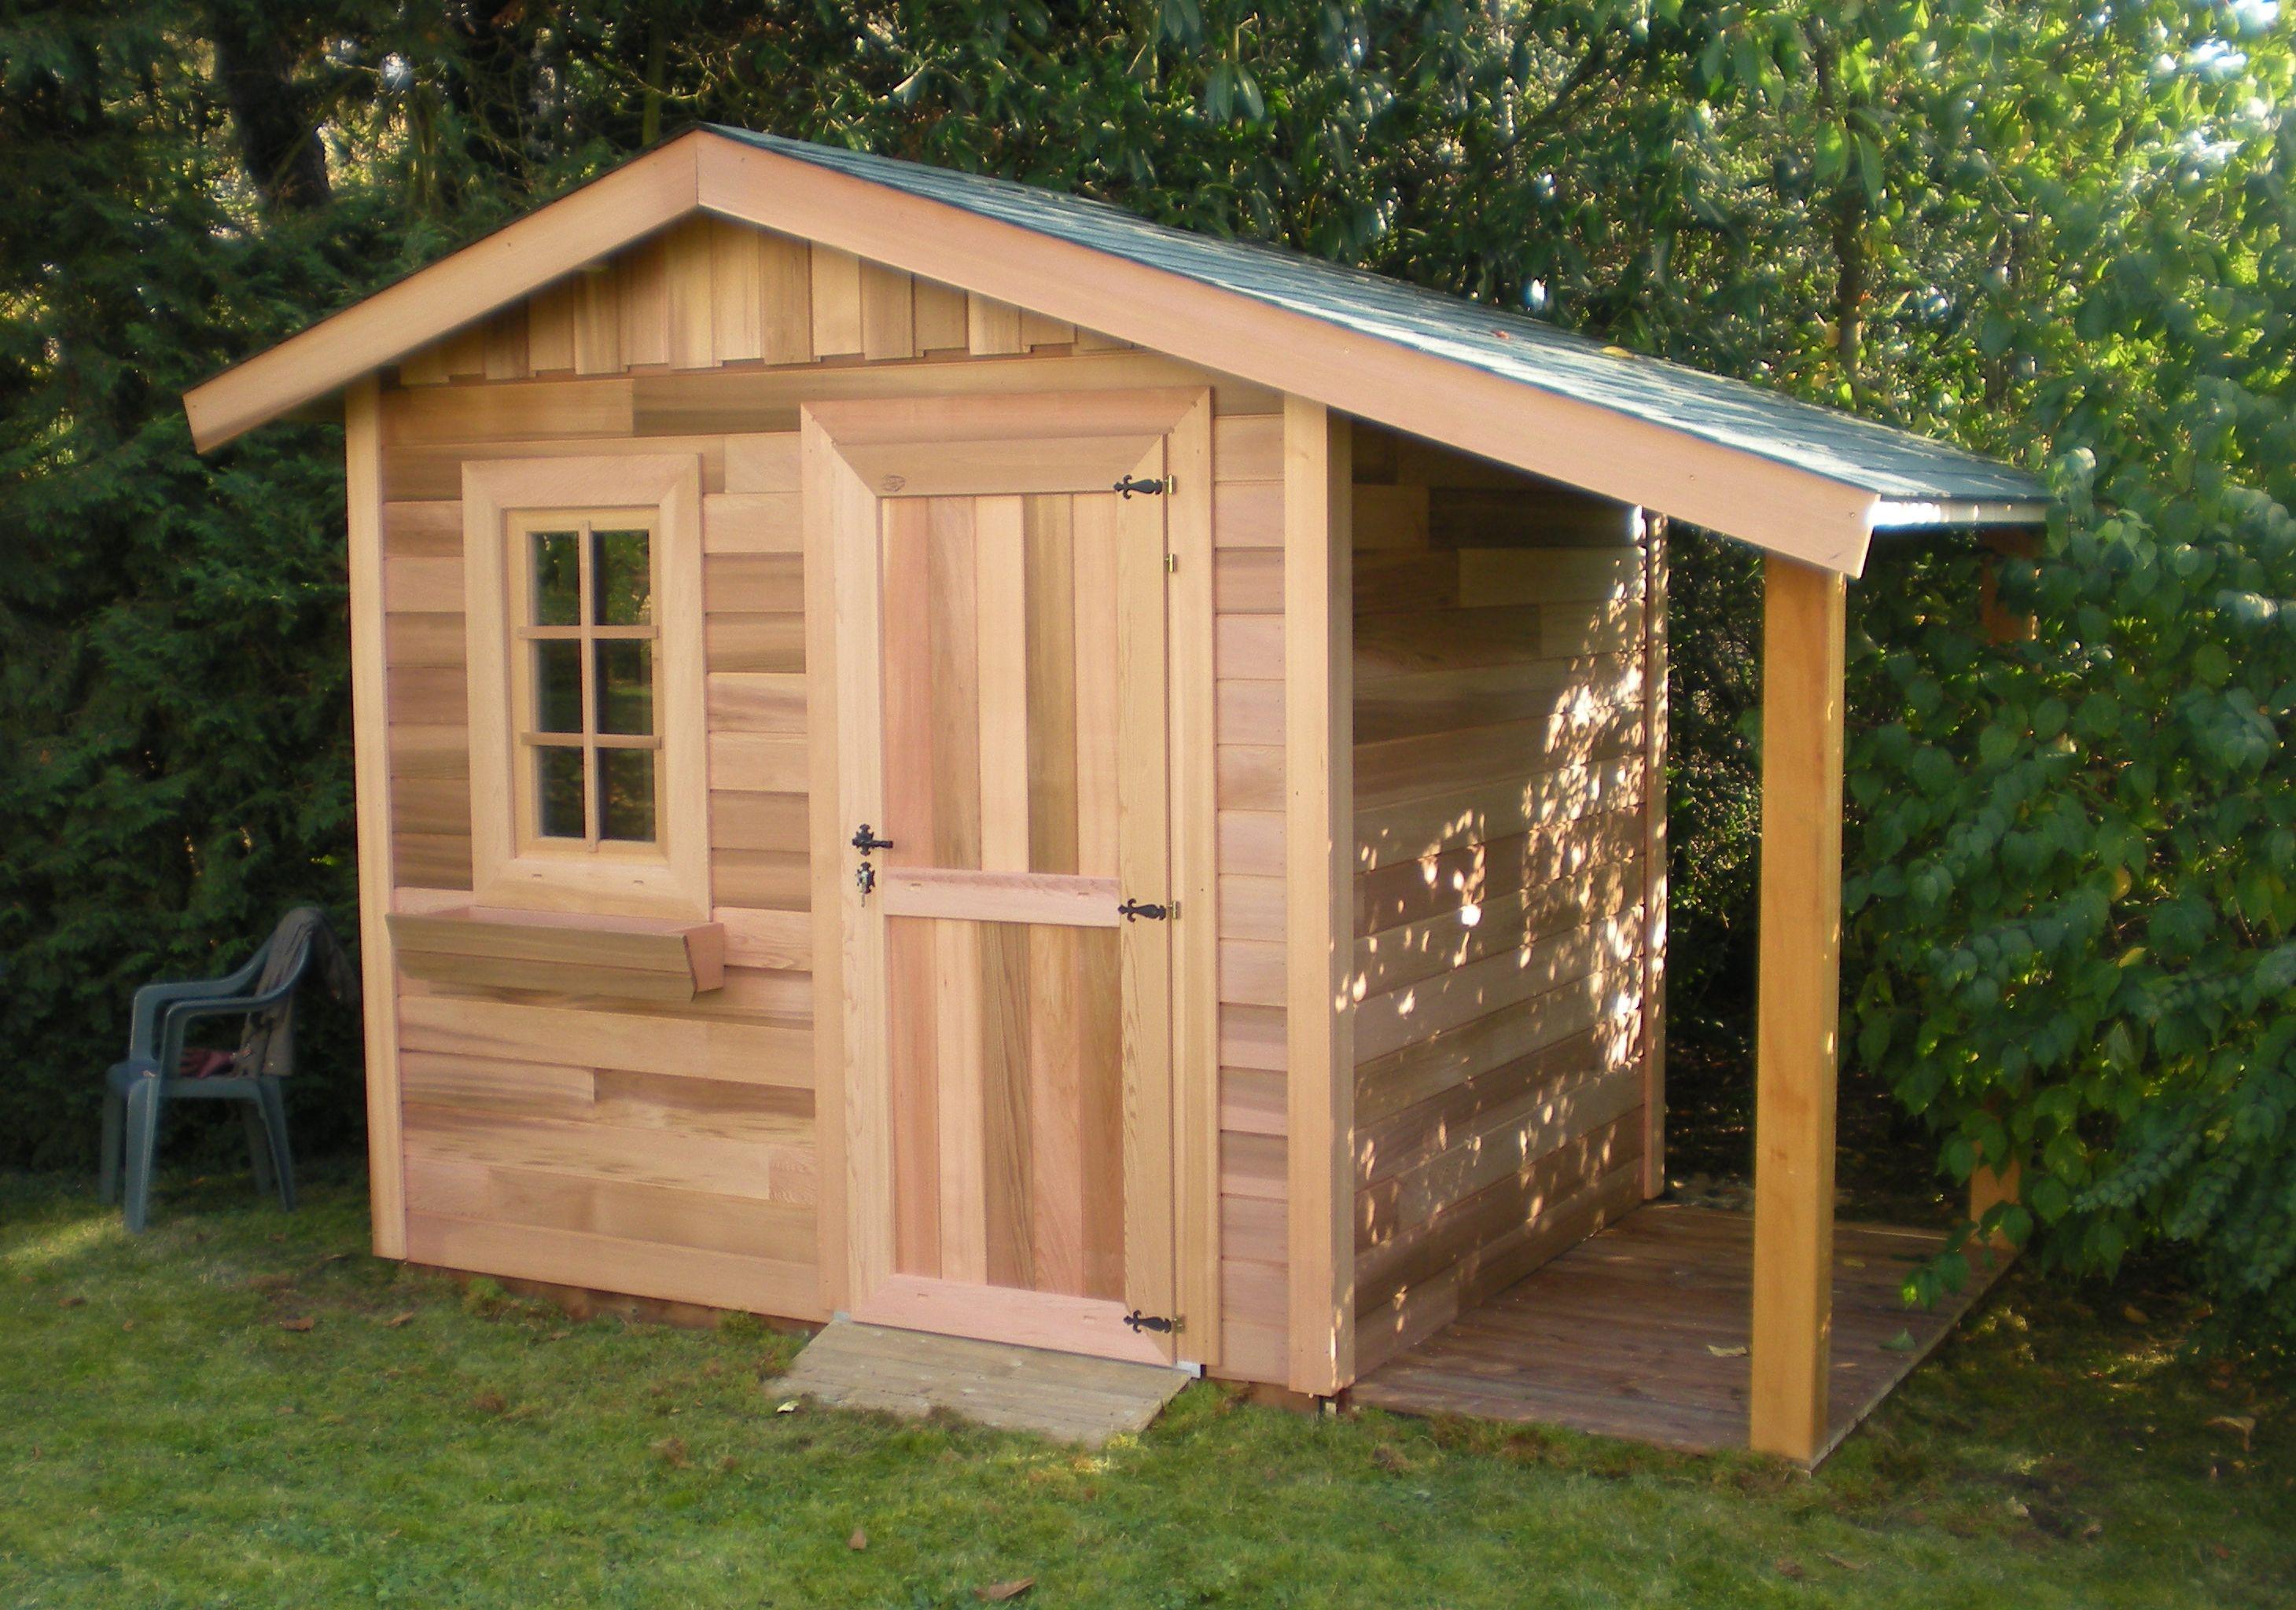 Prix Cabanon Bois : incroyable cabanon de jardin carrefour 4 carport bois ~ Premium-room.com Idées de Décoration